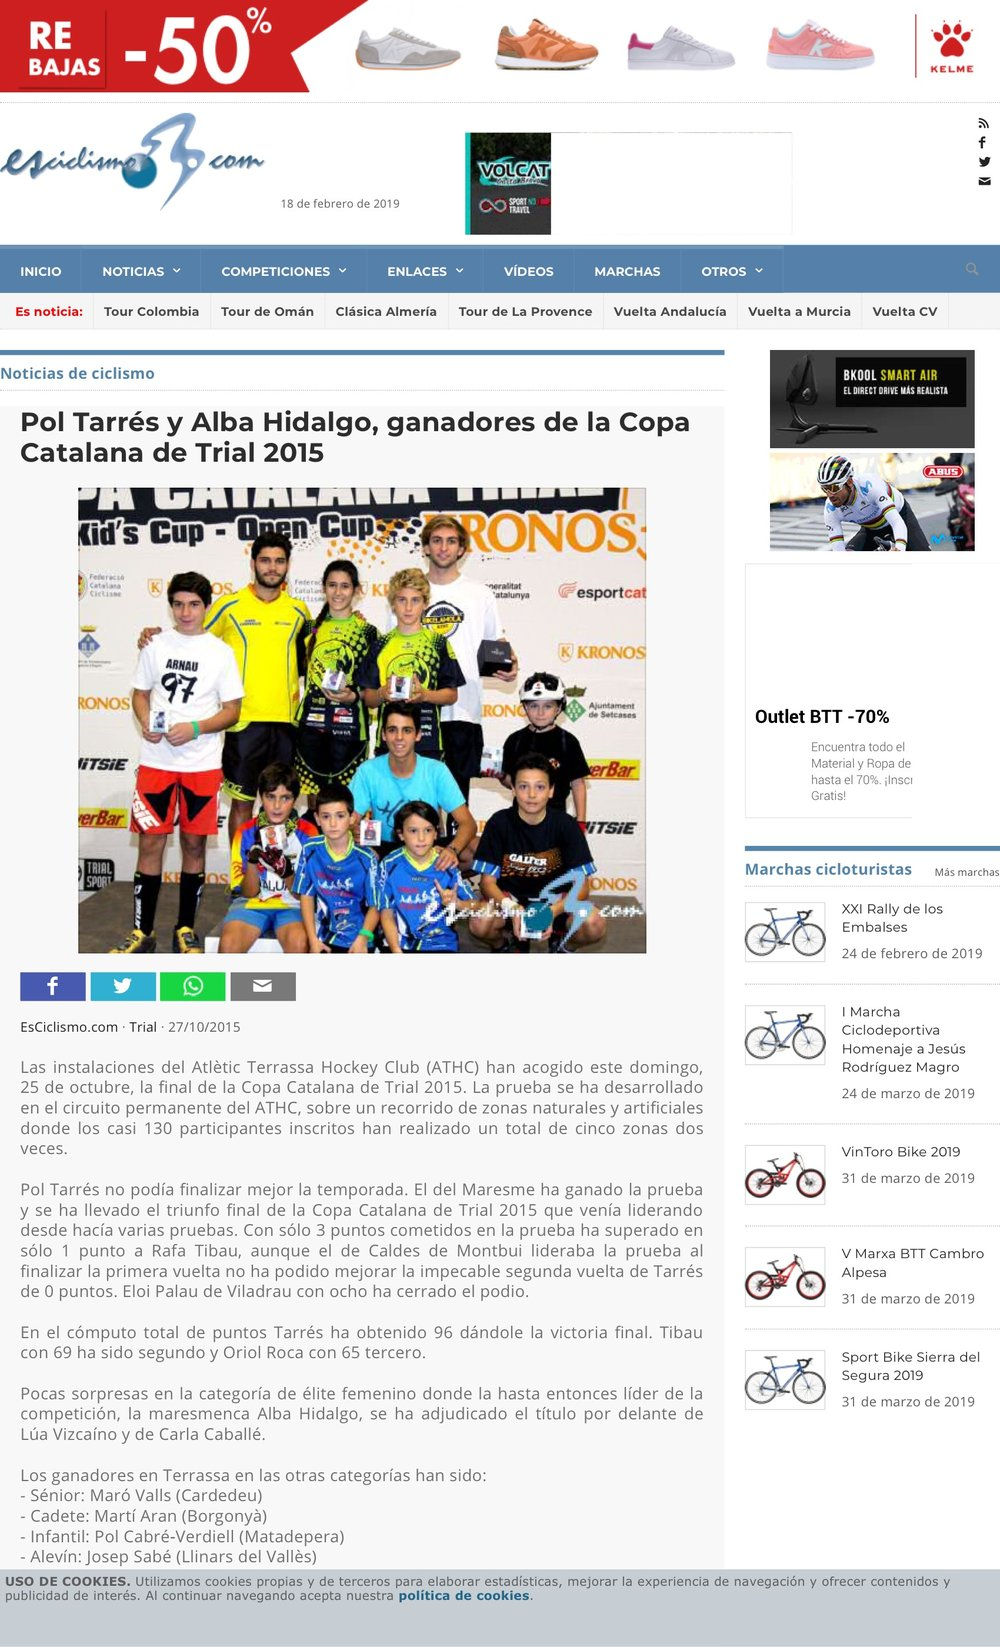 2015-10-27 Pol Tarrés y Alba Hidalgo, ganadores de la Copa Catalana de Trial 2015 2.jpeg